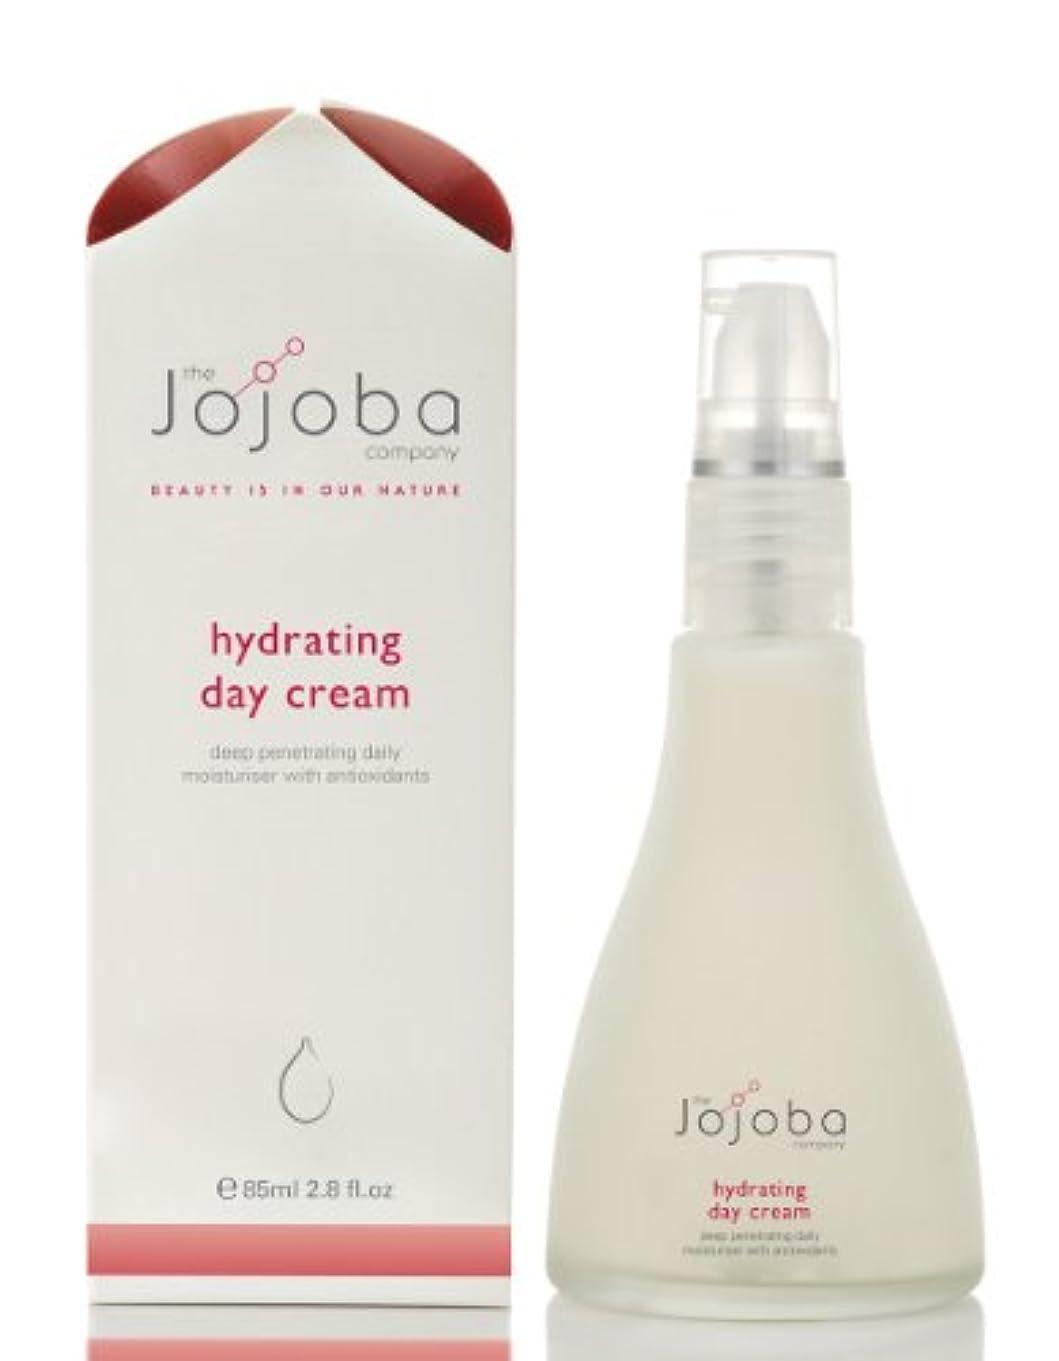 the Jojoba Company ハイドレーティング デイクリーム 85ml